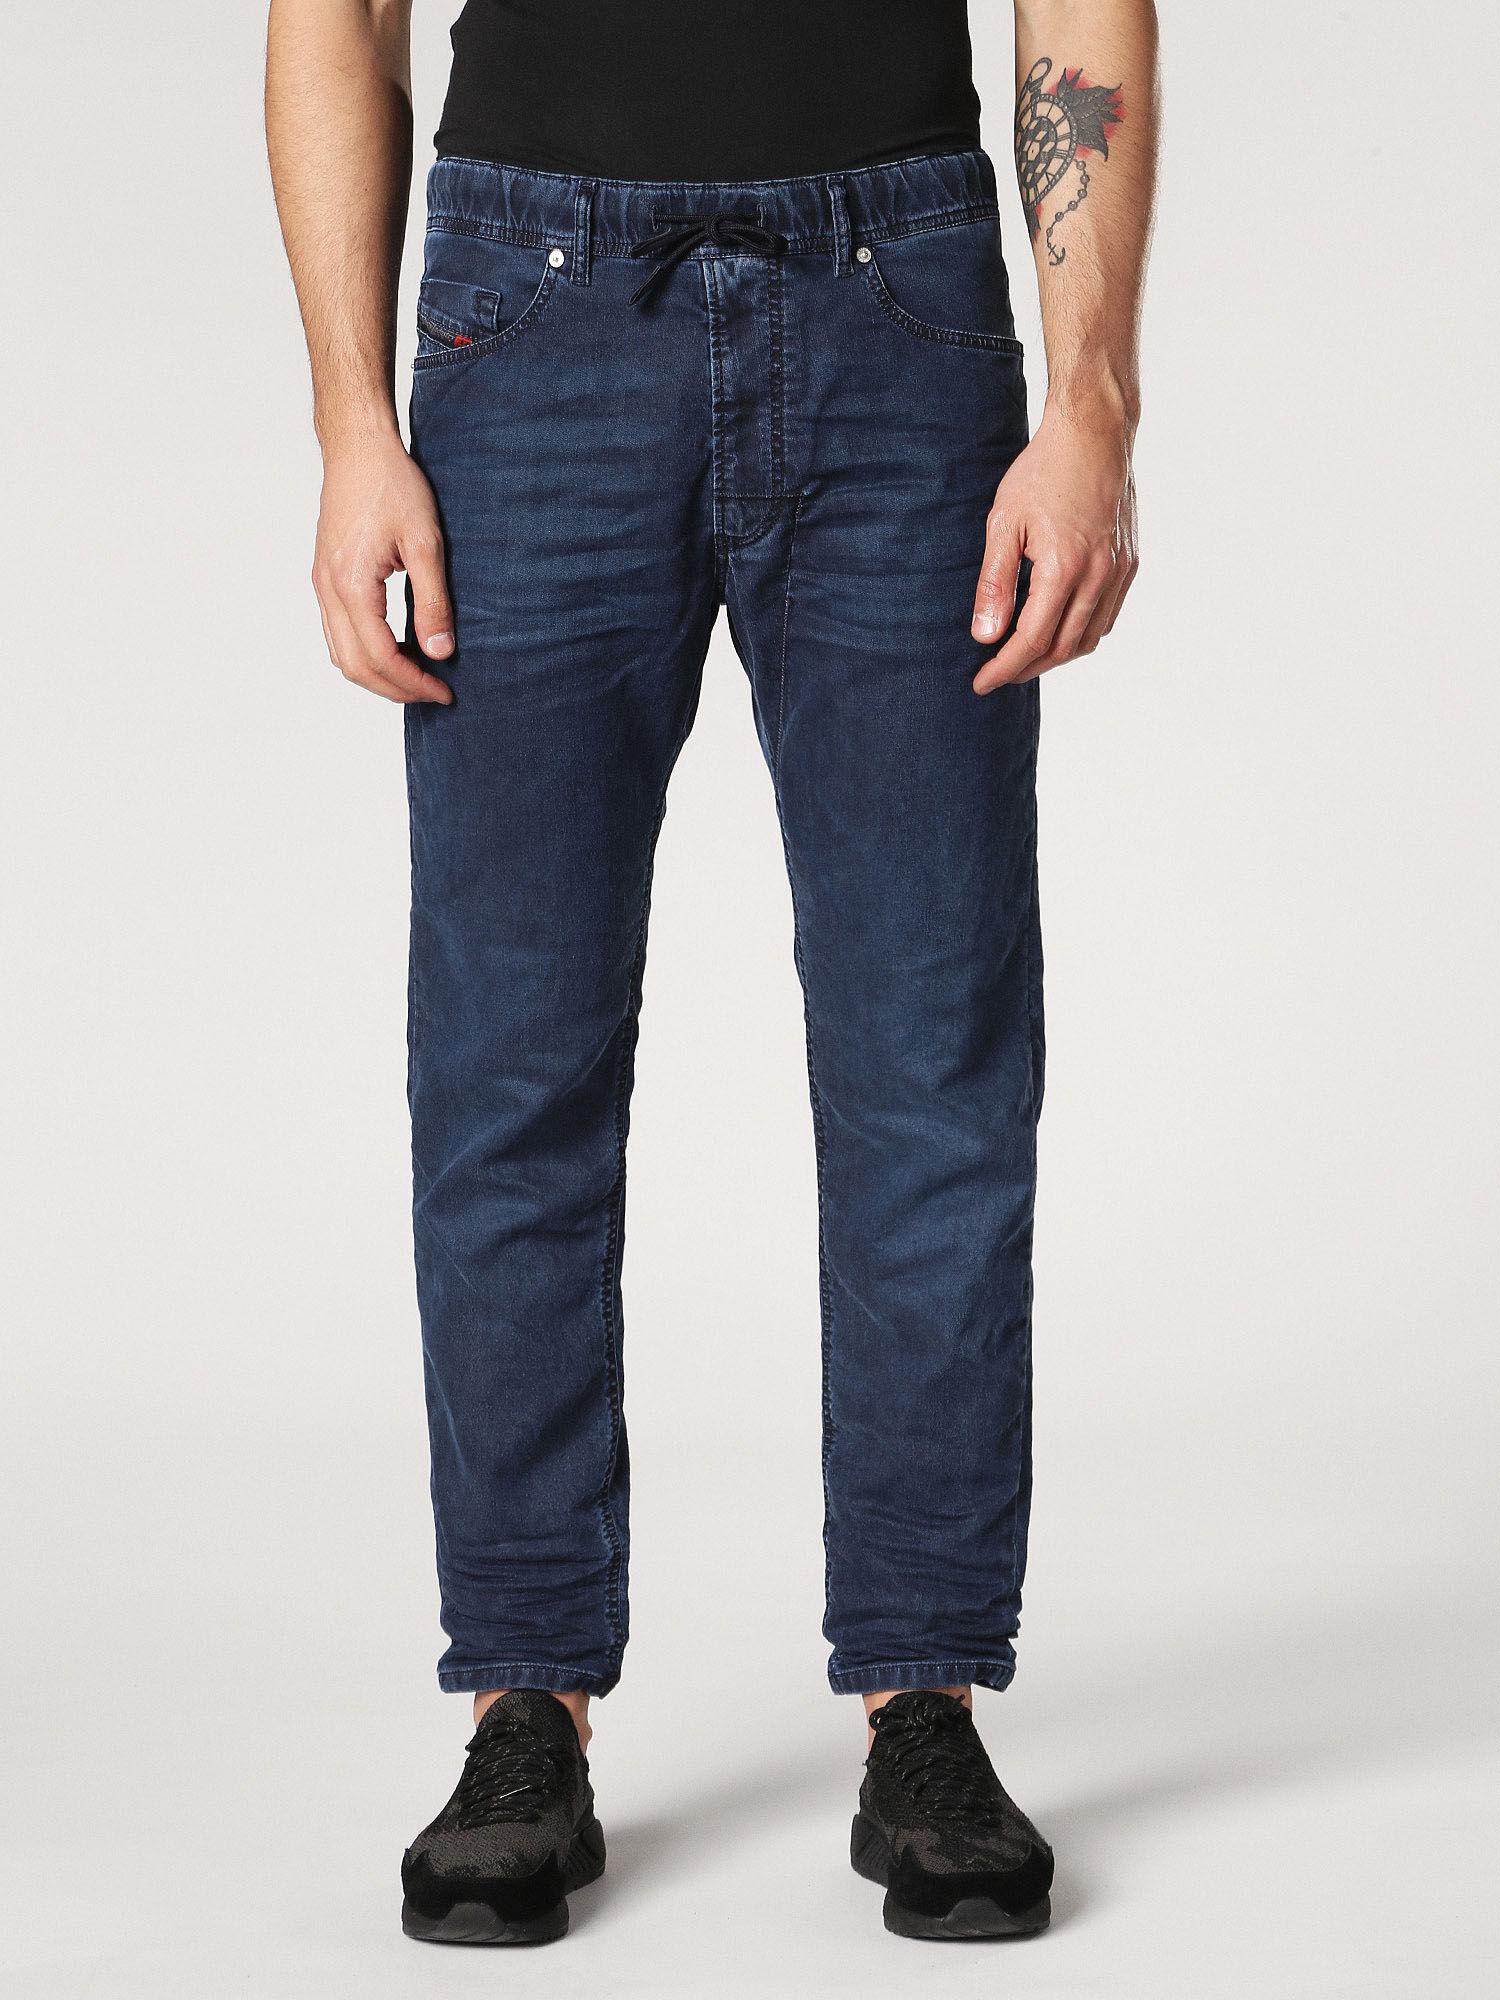 Cross jeans bootcut herren